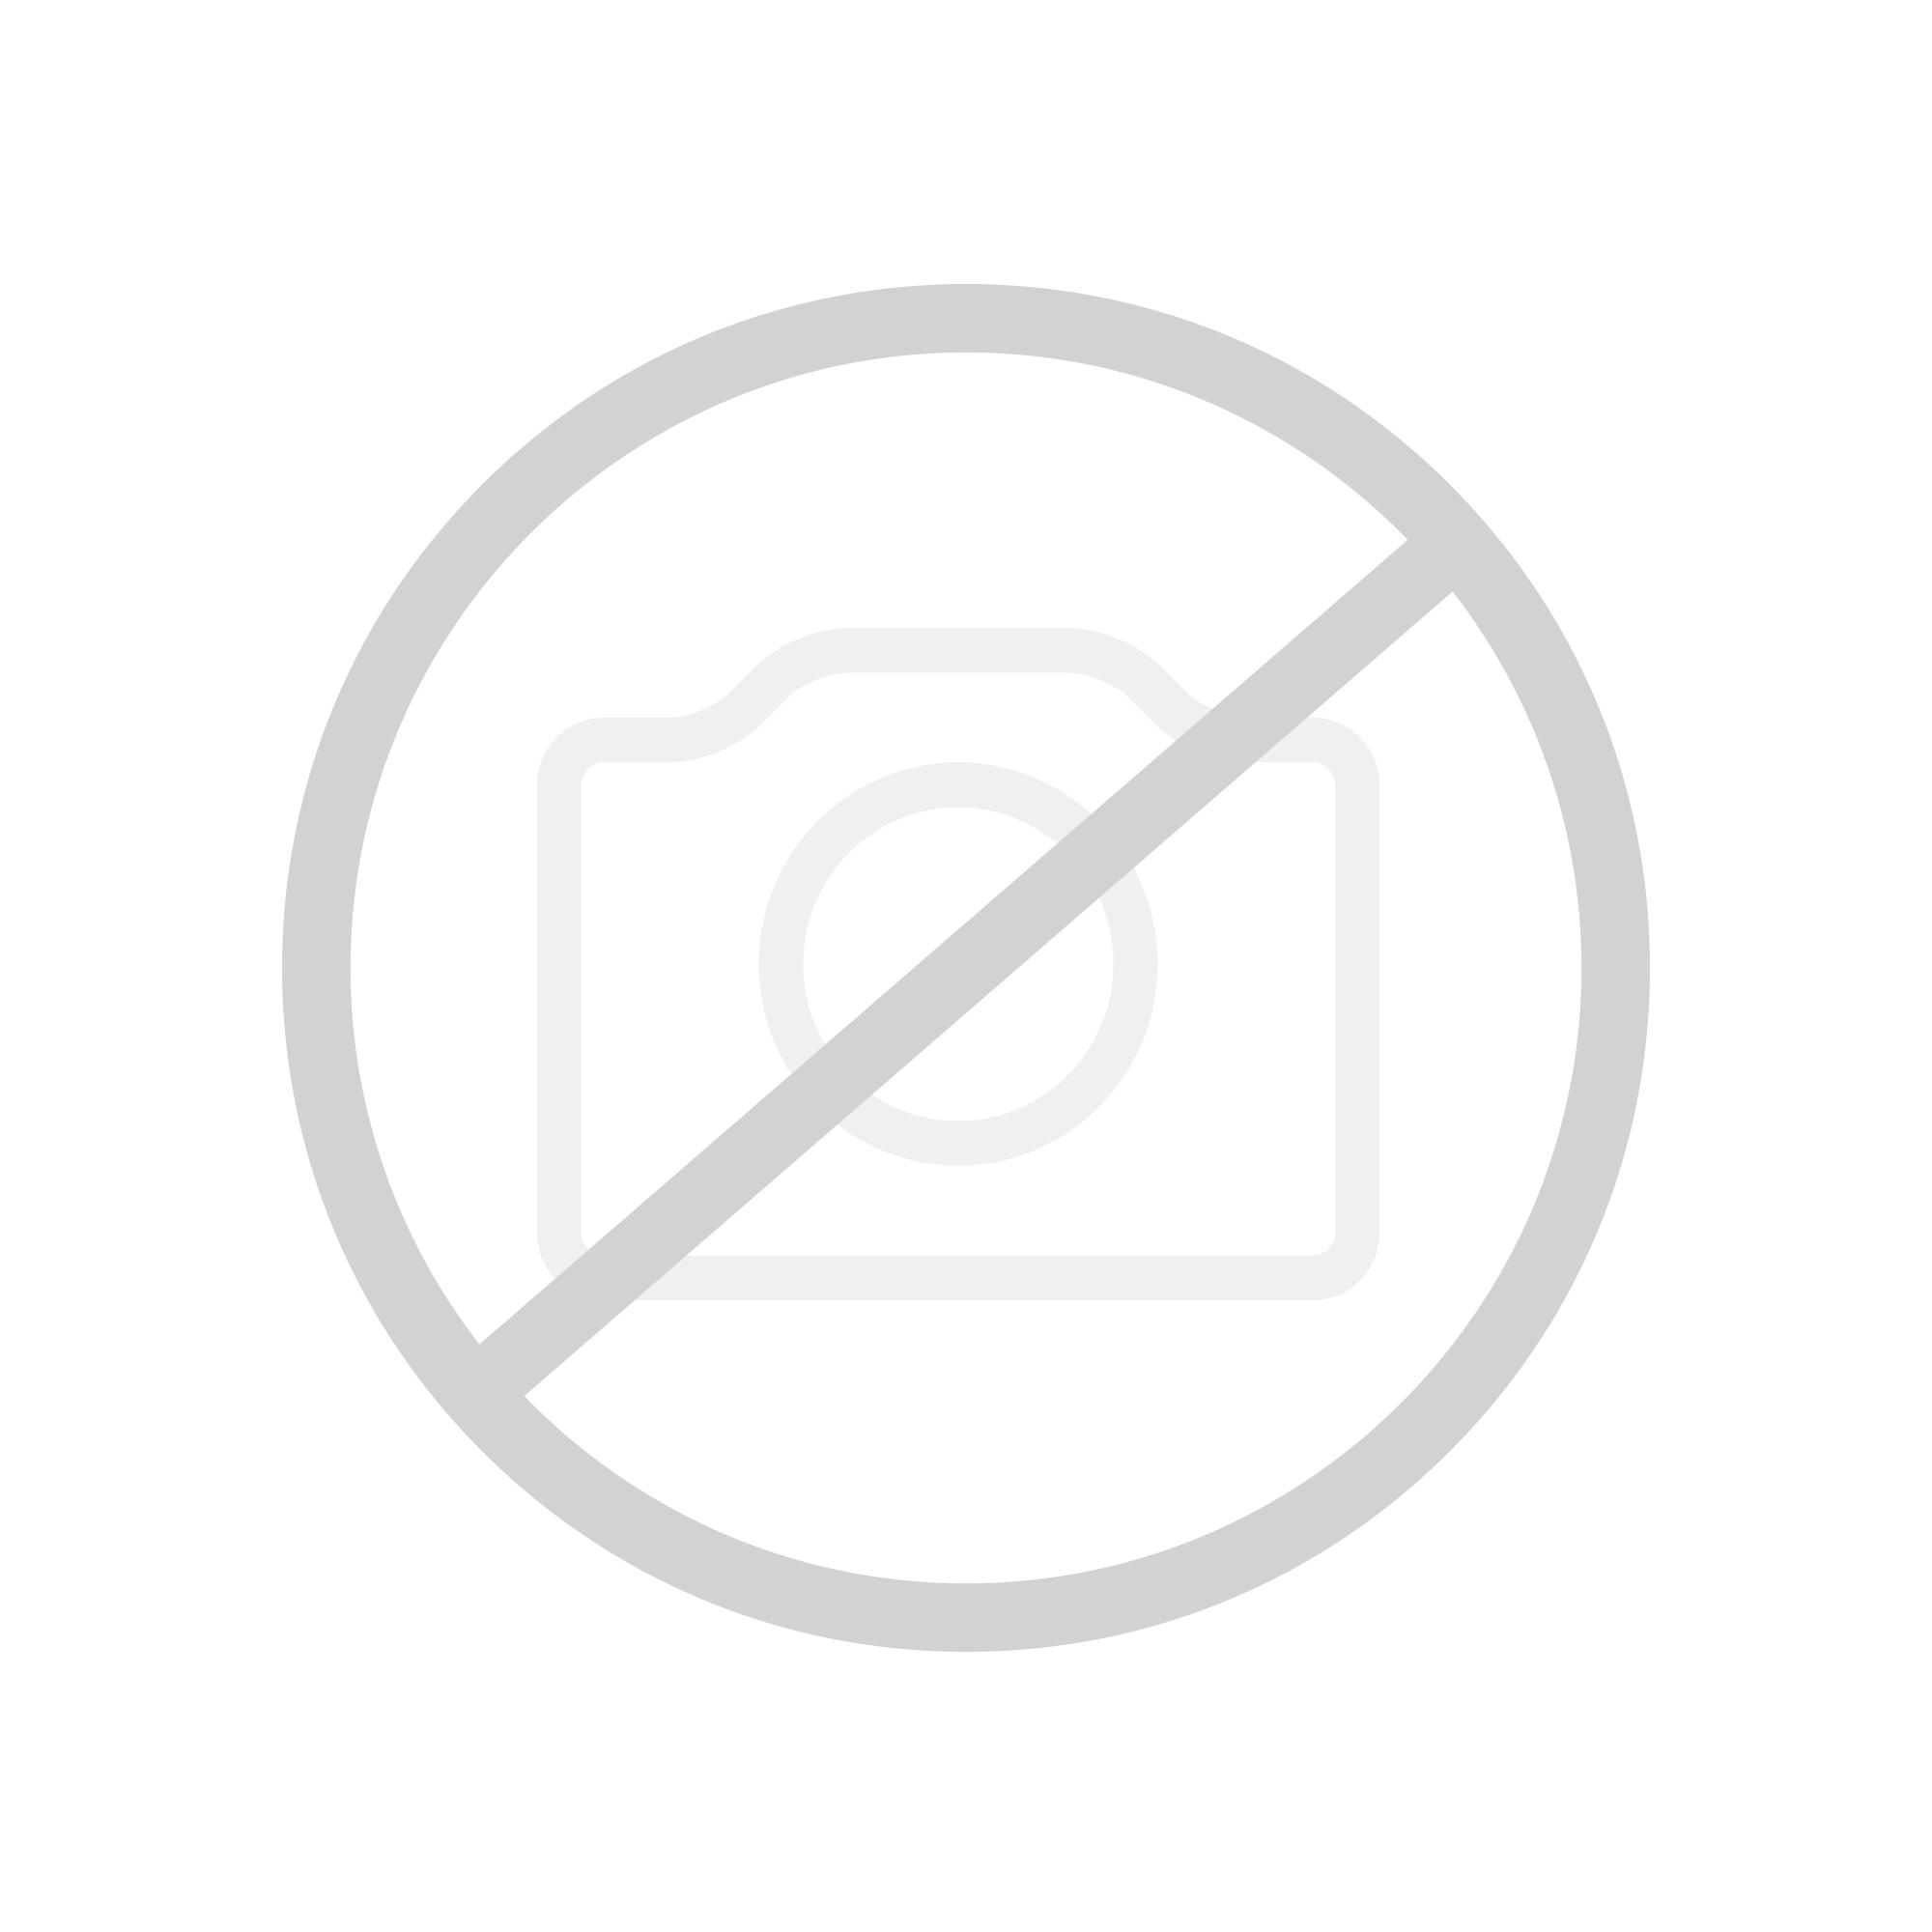 Herzbach NeoCastell Waschtisch-Einlochbatterie